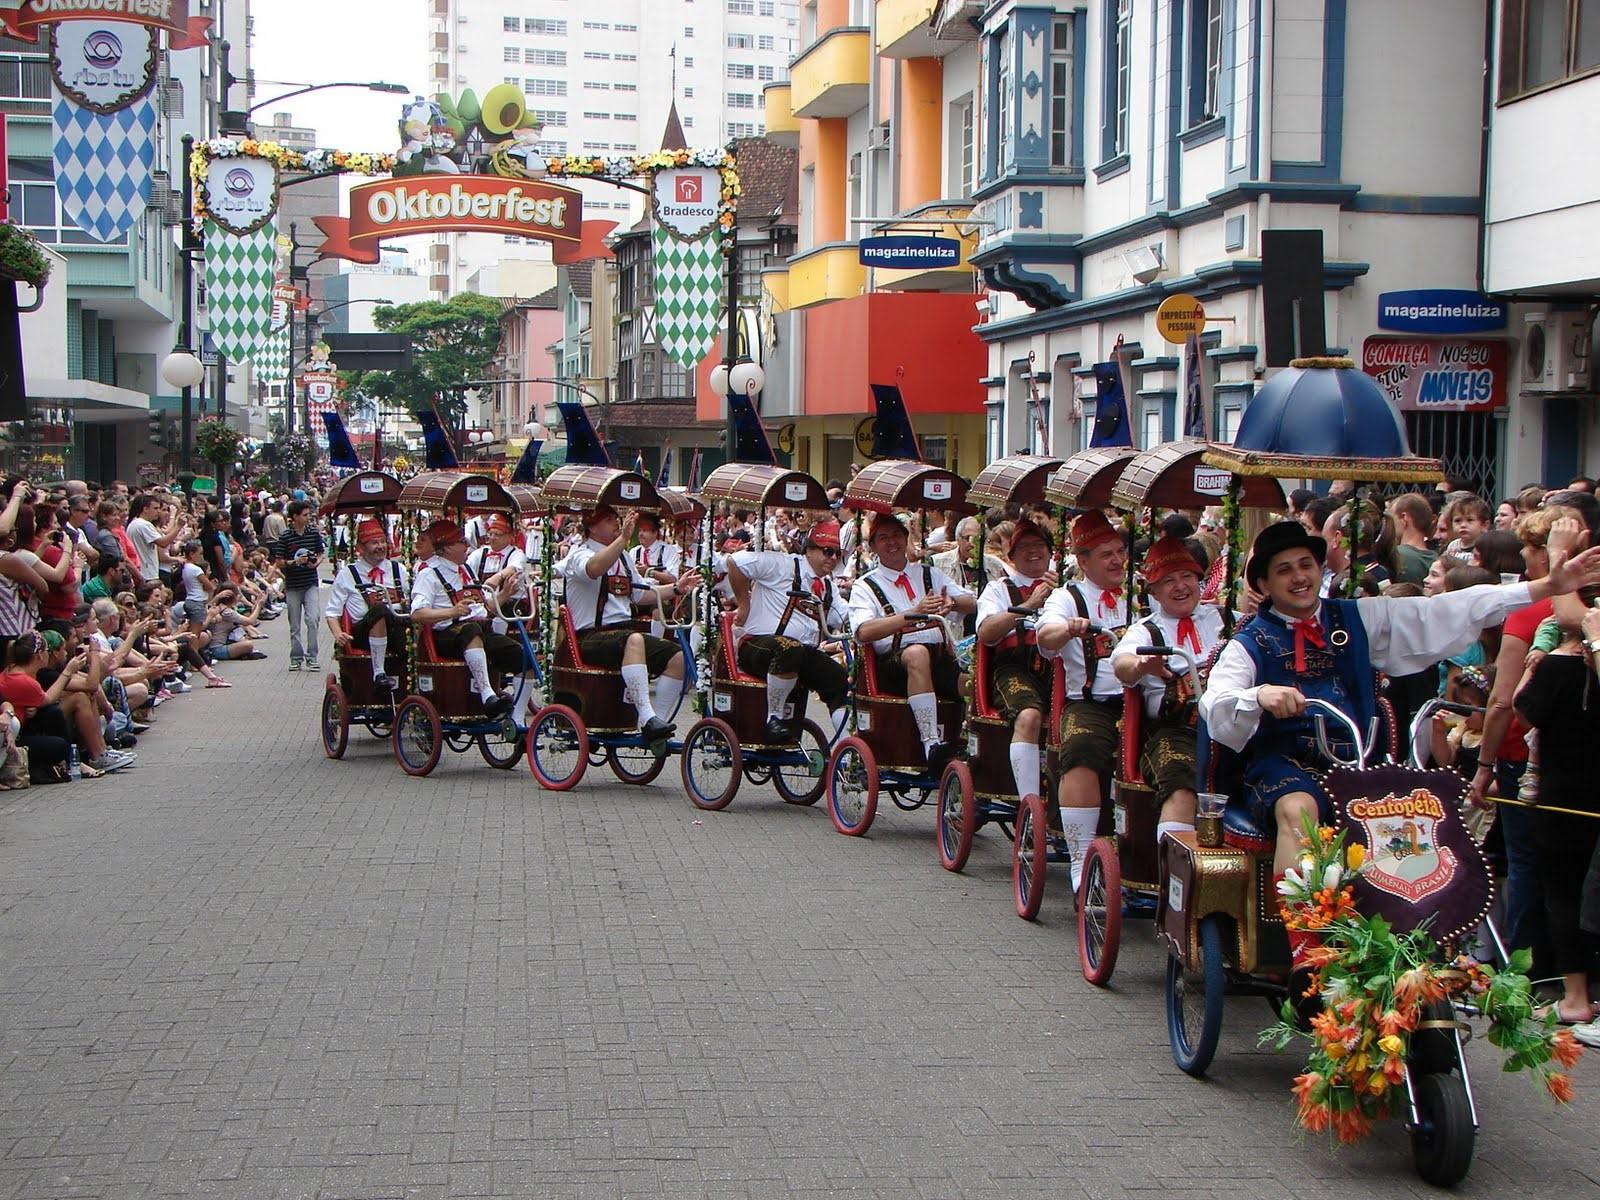 Vai a Oktoberfest em Blumenau? Confira dicas para planejar sua viagem!